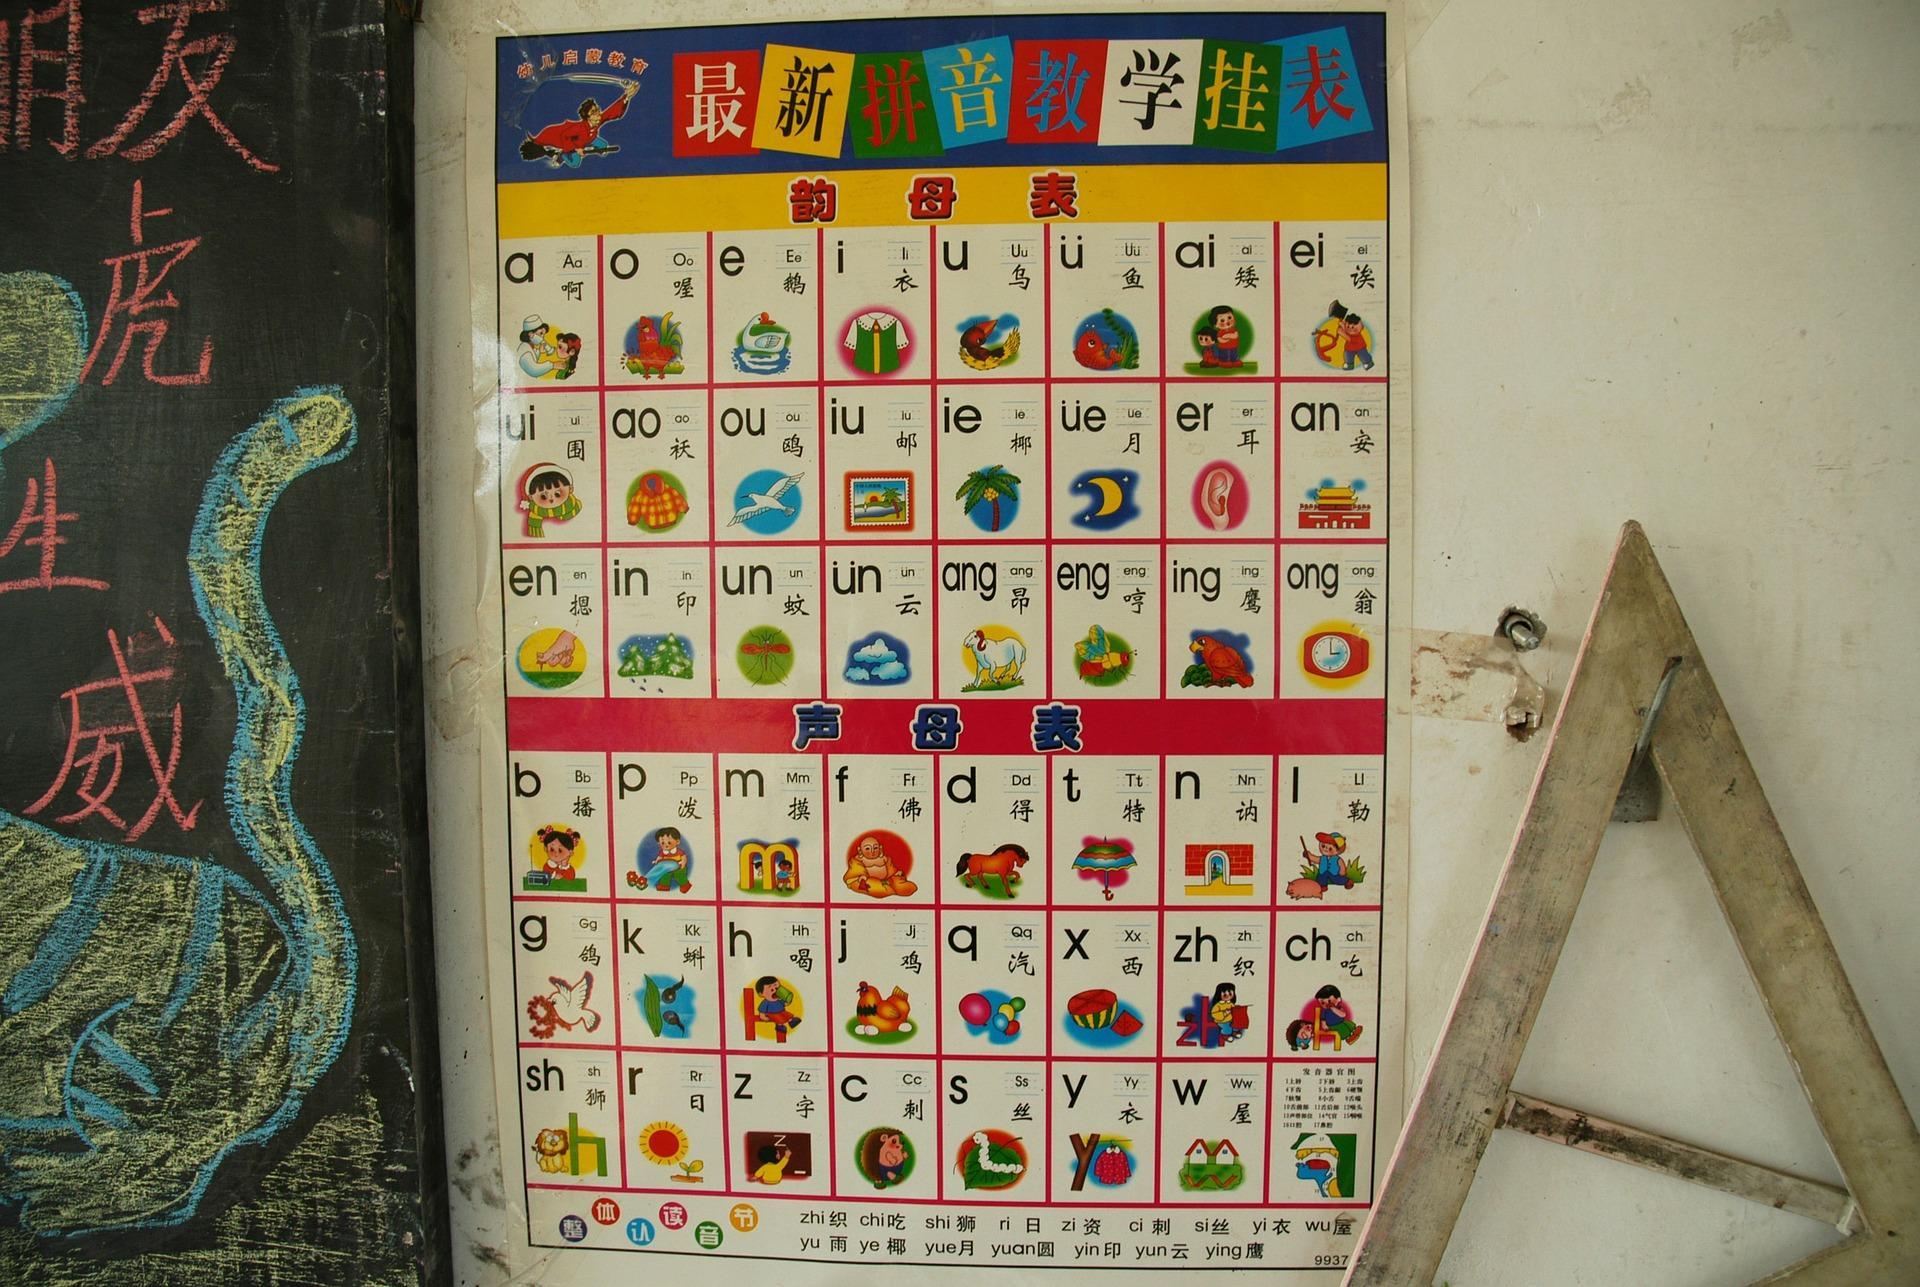 Alphabet Chinois Avec Traduction Française à Comment Écrire Les Lettres De L Alphabet Français